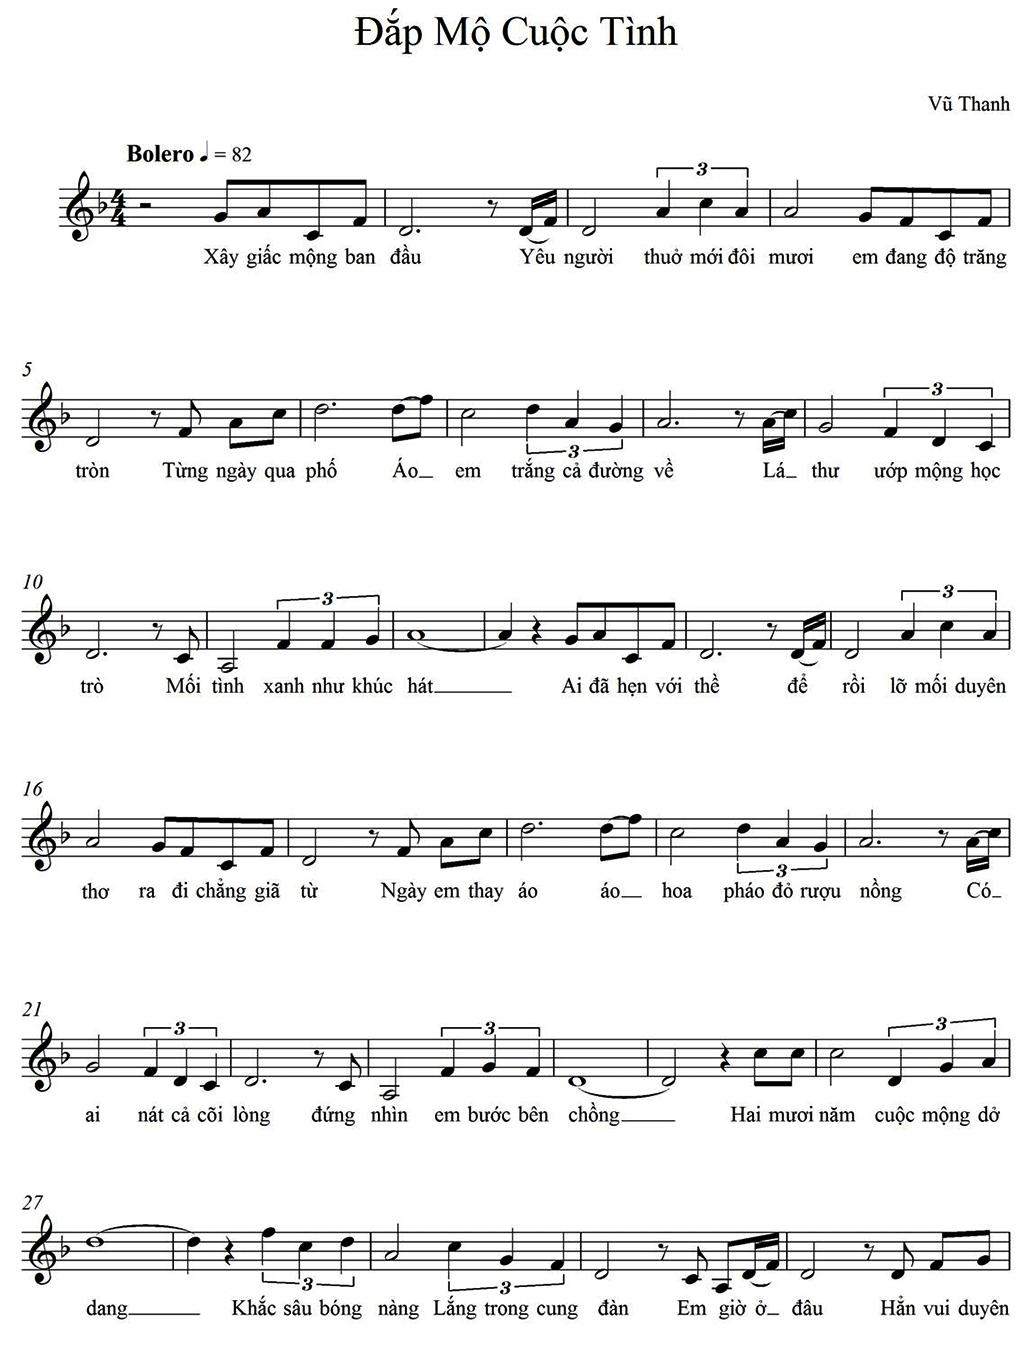 đắp Mộ Cuộc Tinh Sheet Nhạc Hợp Am Bản Nhạc Co Nốt Bản Nhạc Am Nhạc Học Tập